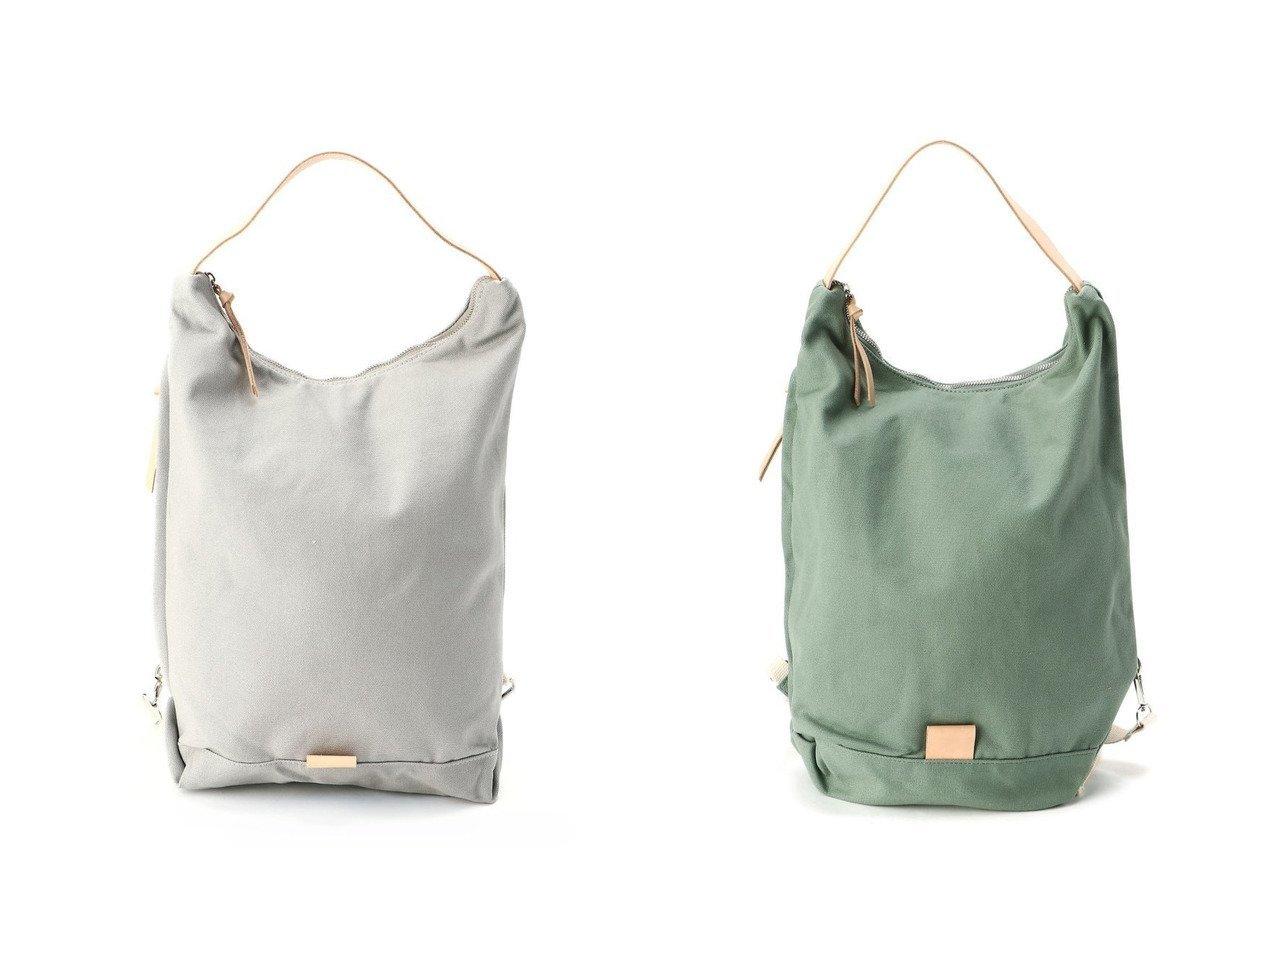 【EARTH MADE/アースメイド】のHANDLE*CVS 2W TOTE バッグ・鞄のおすすめ!人気、トレンド・レディースファッションの通販 おすすめで人気の流行・トレンド、ファッションの通販商品 メンズファッション・キッズファッション・インテリア・家具・レディースファッション・服の通販 founy(ファニー) https://founy.com/ ファッション Fashion レディースファッション WOMEN バッグ Bag バケツ リュック |ID:crp329100000022634